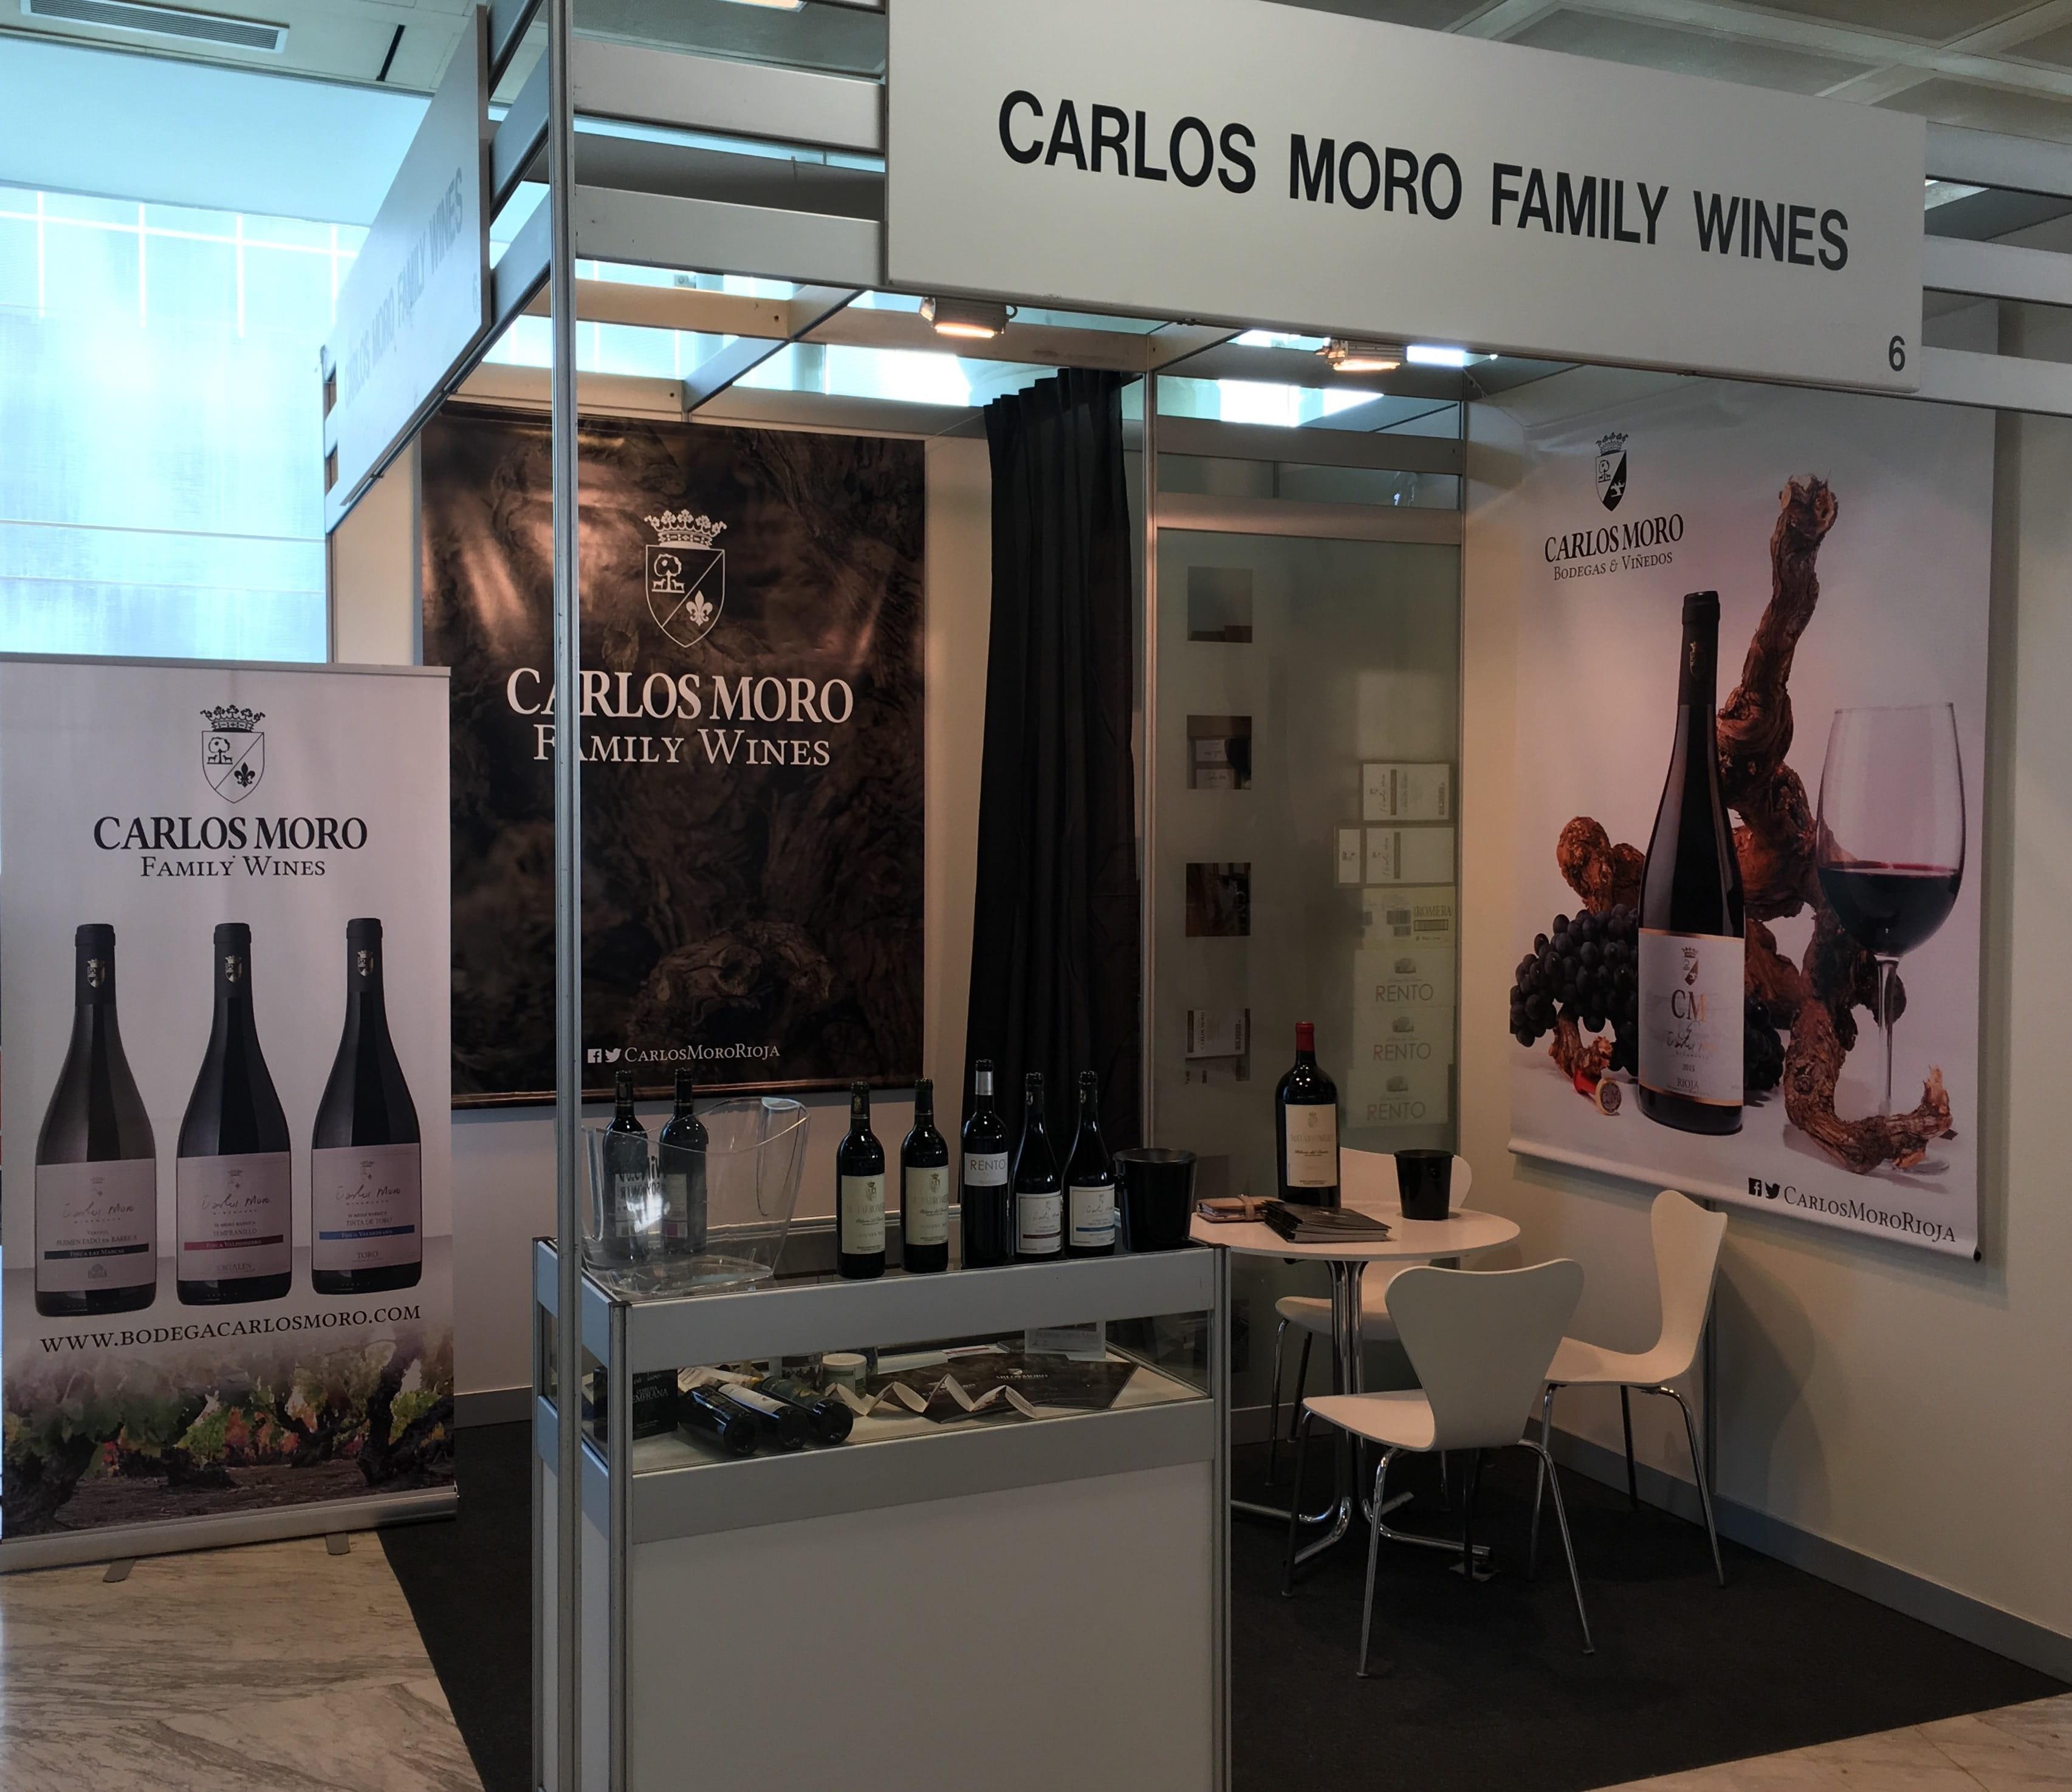 Los vinos de Carlos Moro Family Wines presentes por vez primera en Madrid Fusión